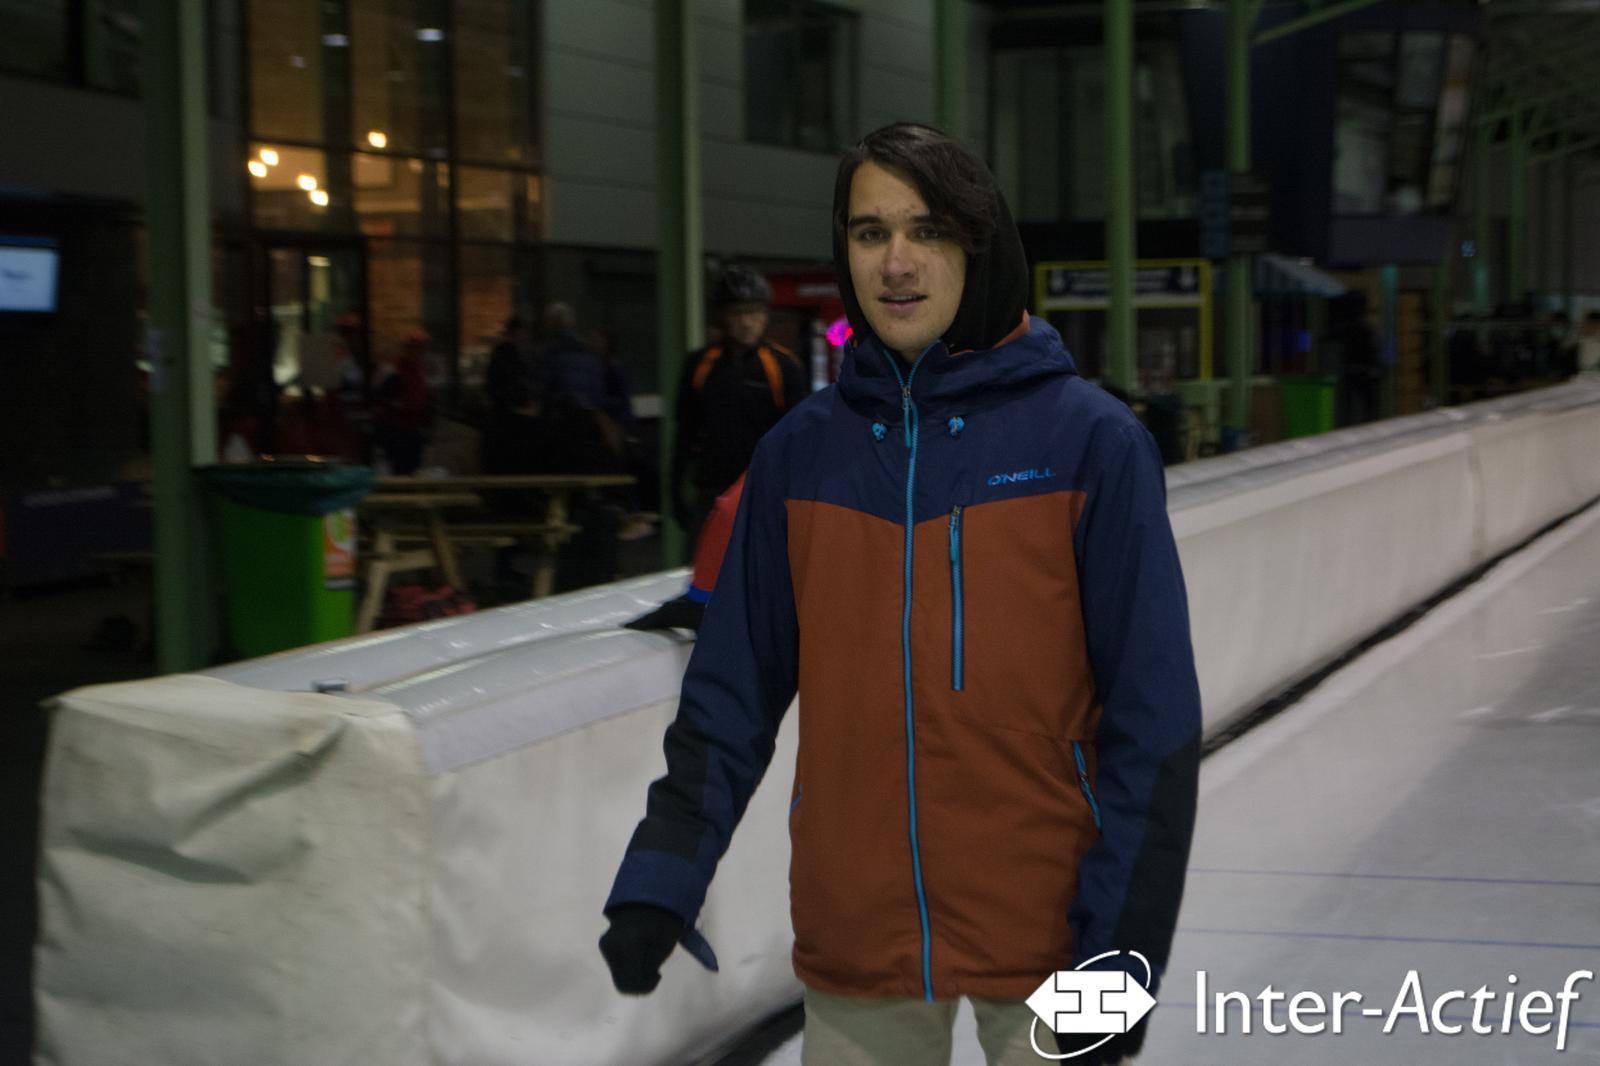 IceSkating20200116_NielsdeGroot-41.jpg